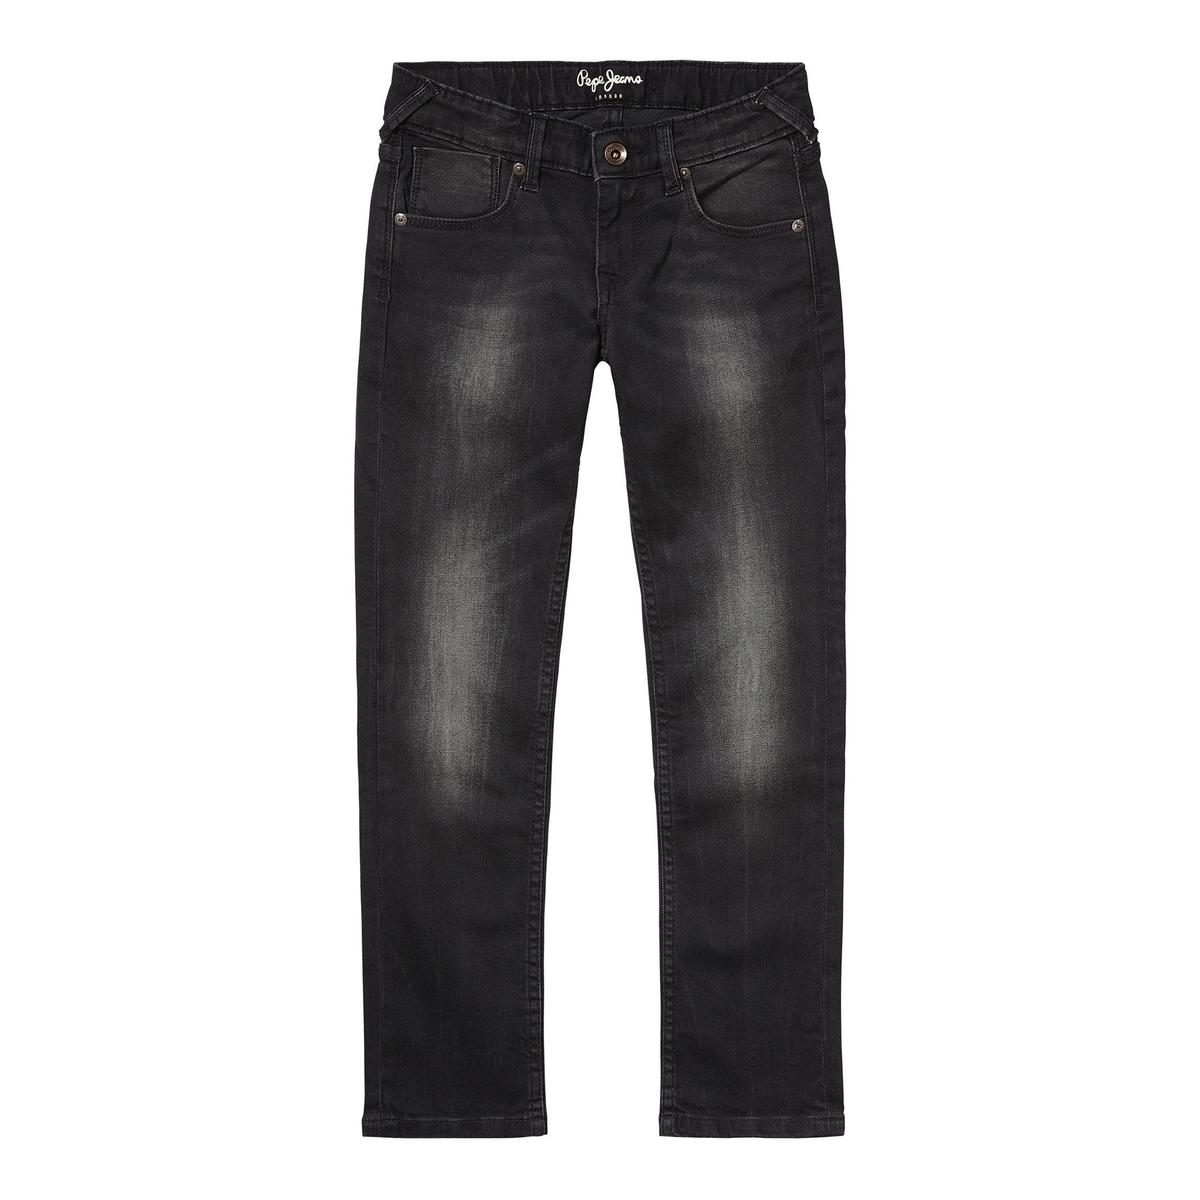 Джинсы узкие на 8-16 лет джинсы узкие детские quiksilver lowbrbugbyth pant buggy blue